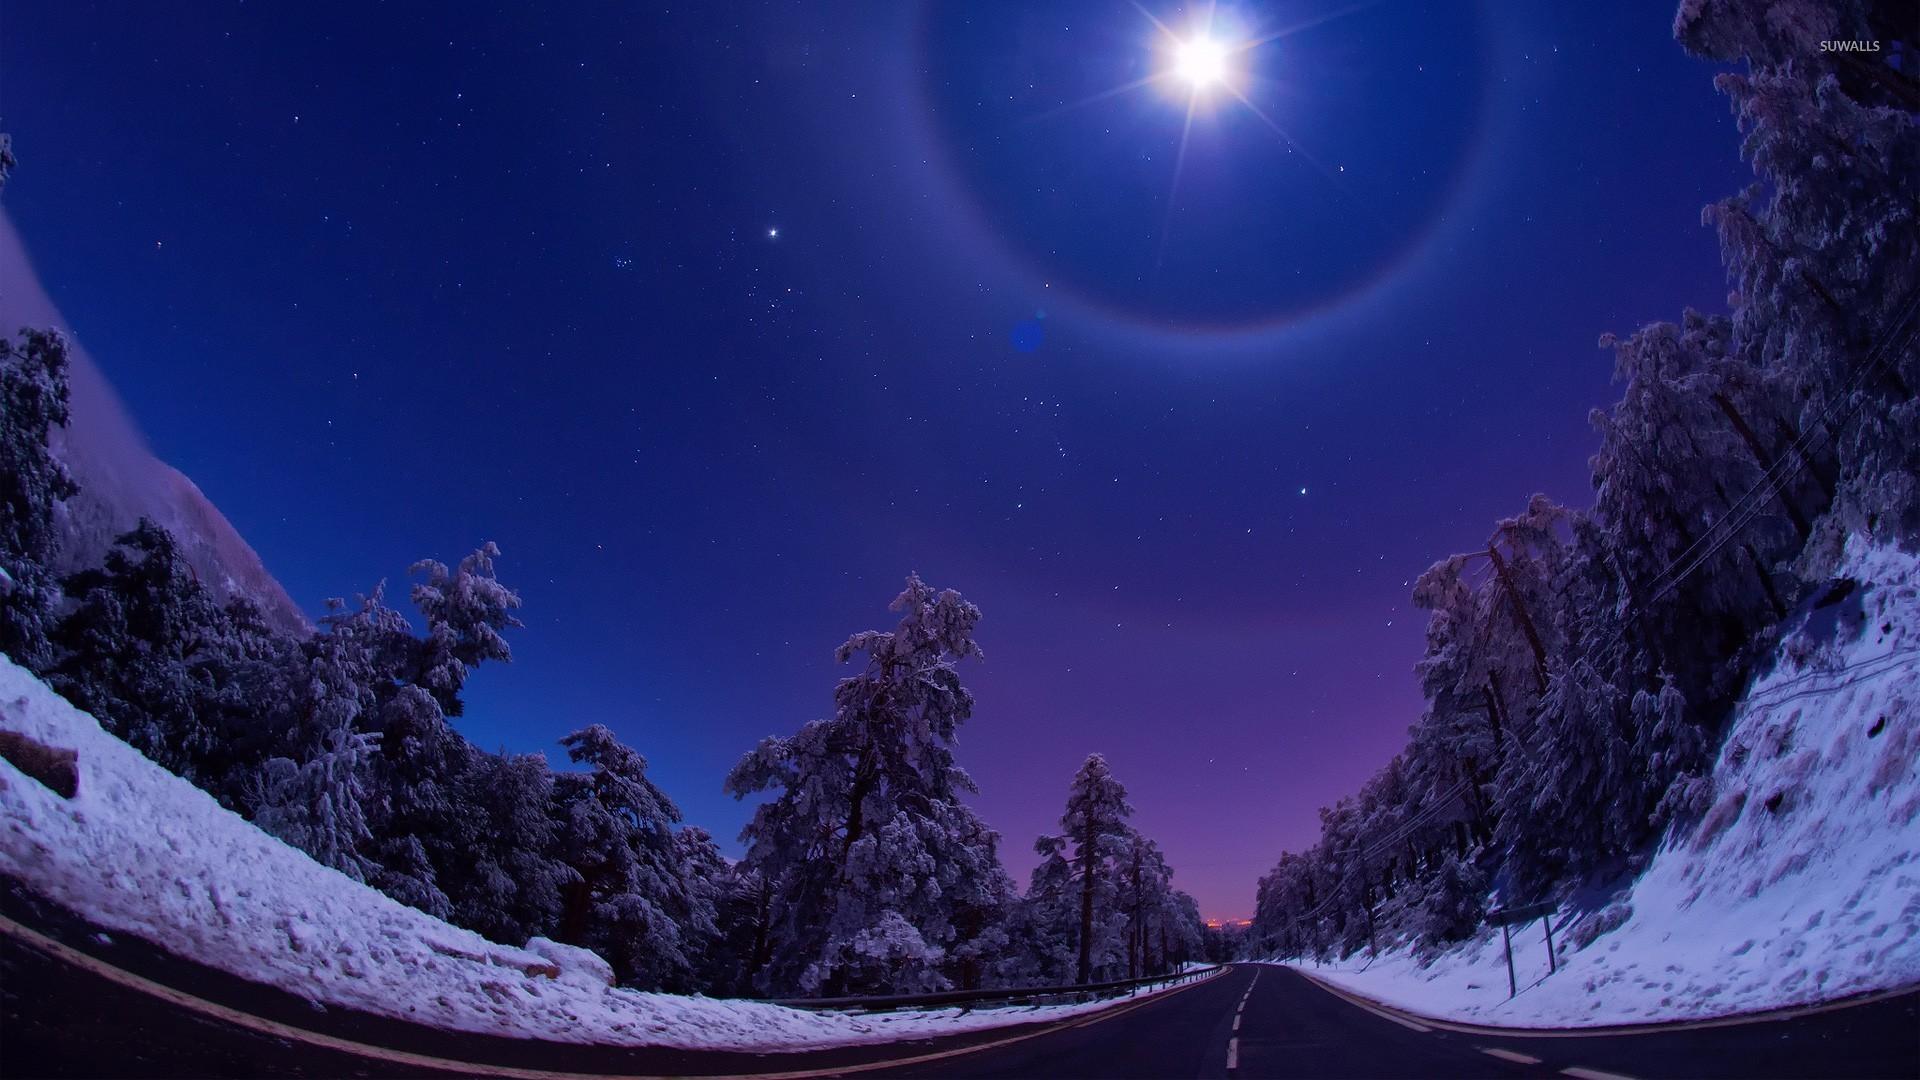 Mountain road in winter wallpaper jpg